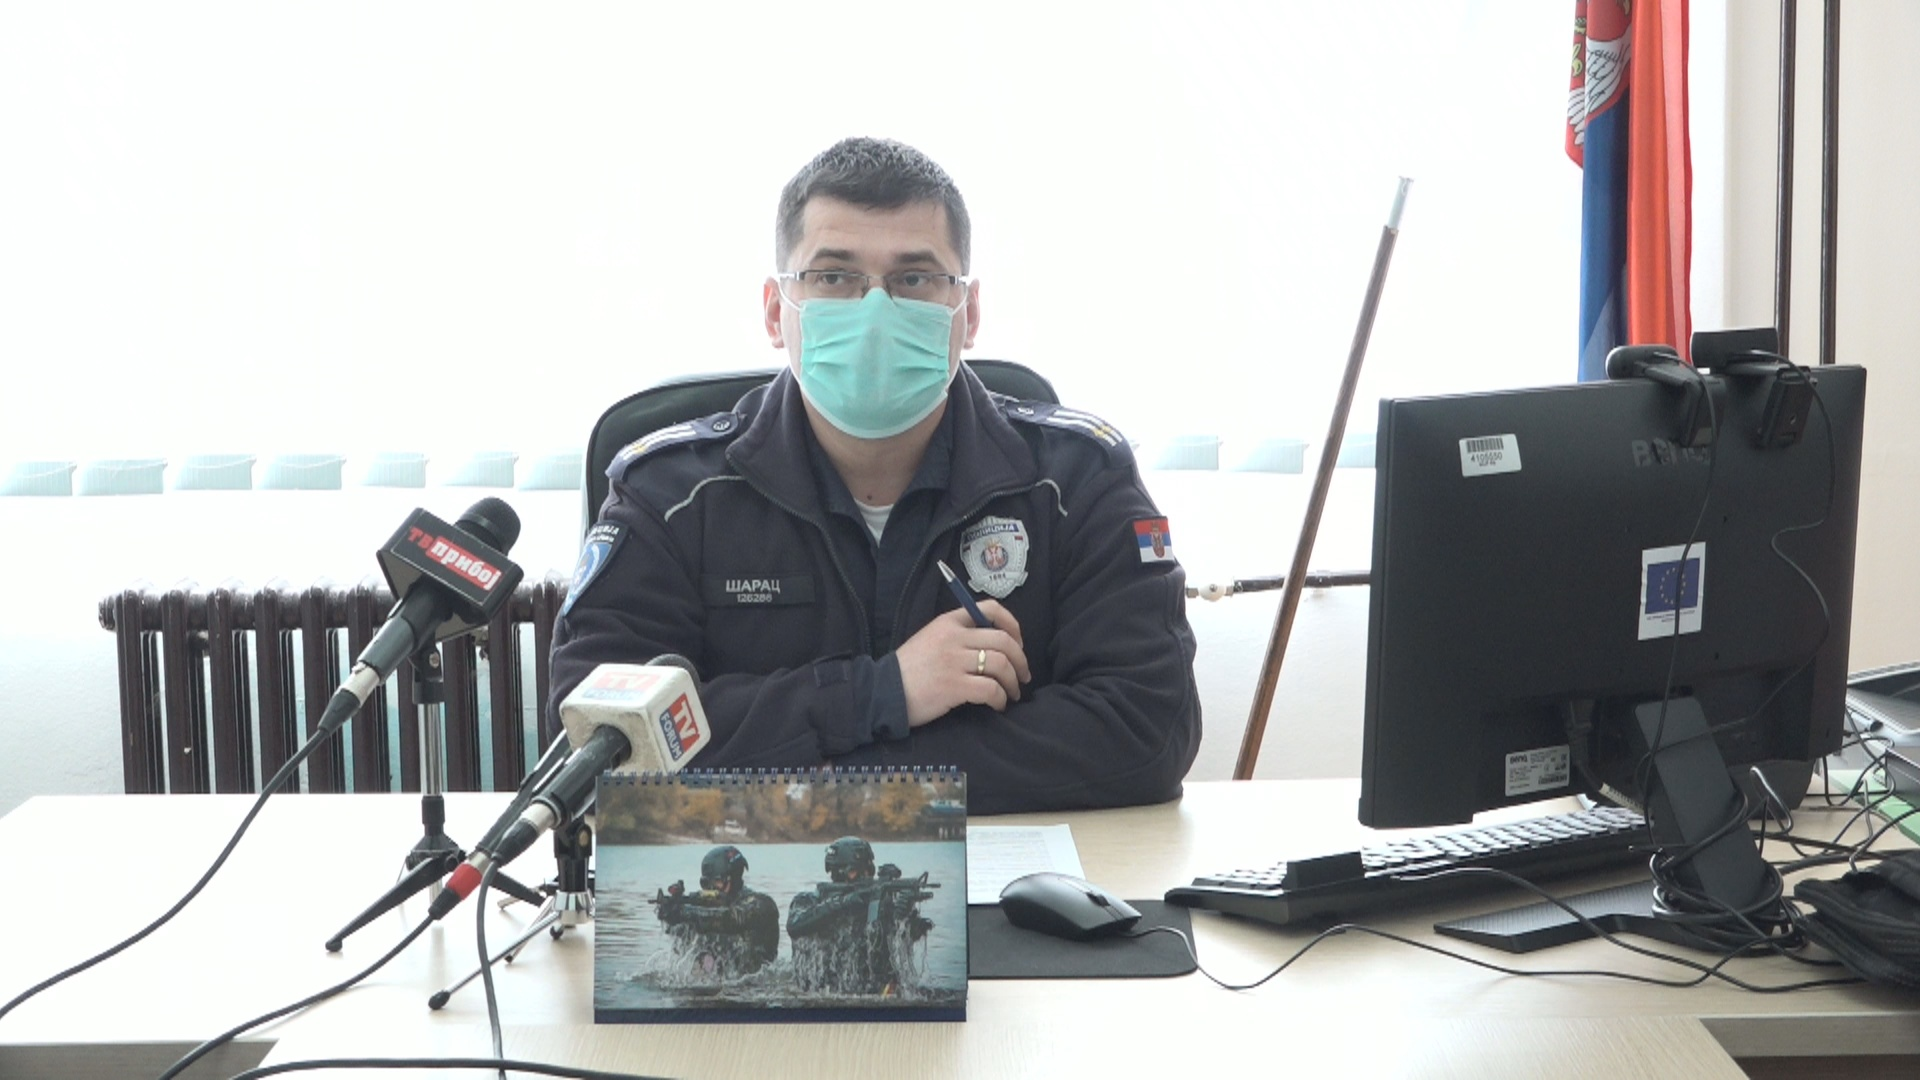 ПУ Пријепоље – Представљени услови за пријем 37 полазника основне полицијске обуке